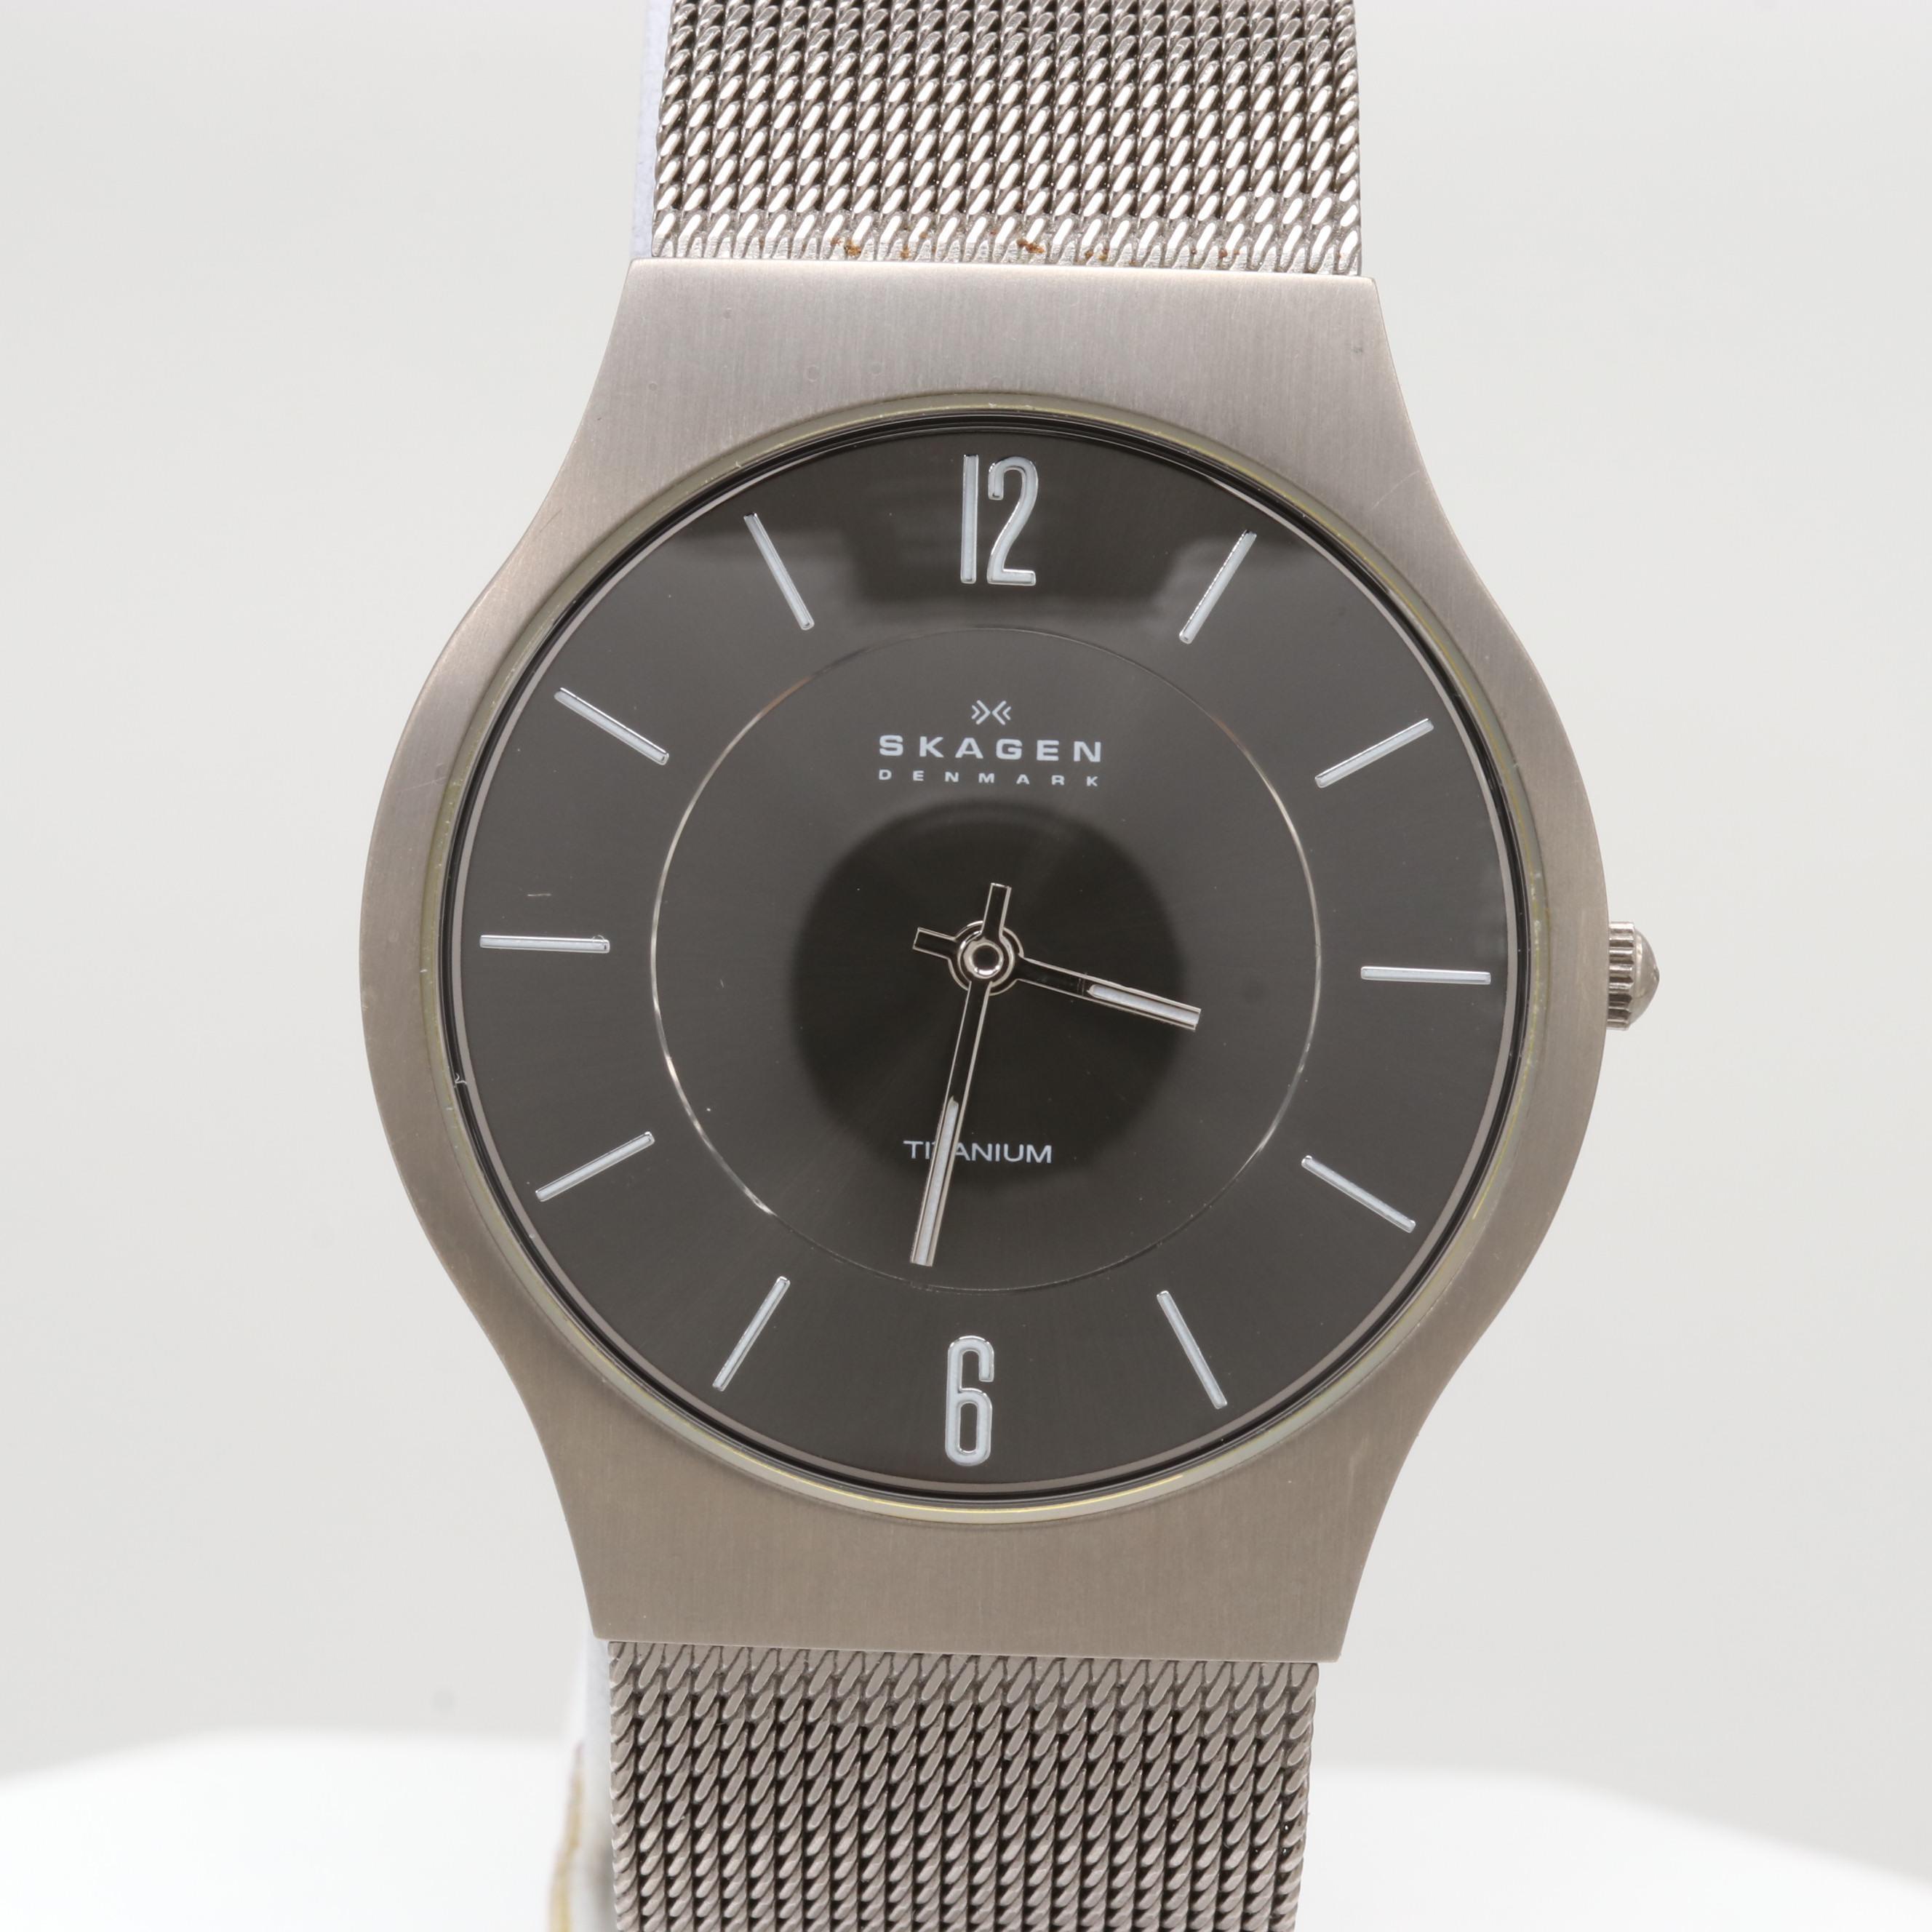 Skagen Titanium Quartz Wristwatch